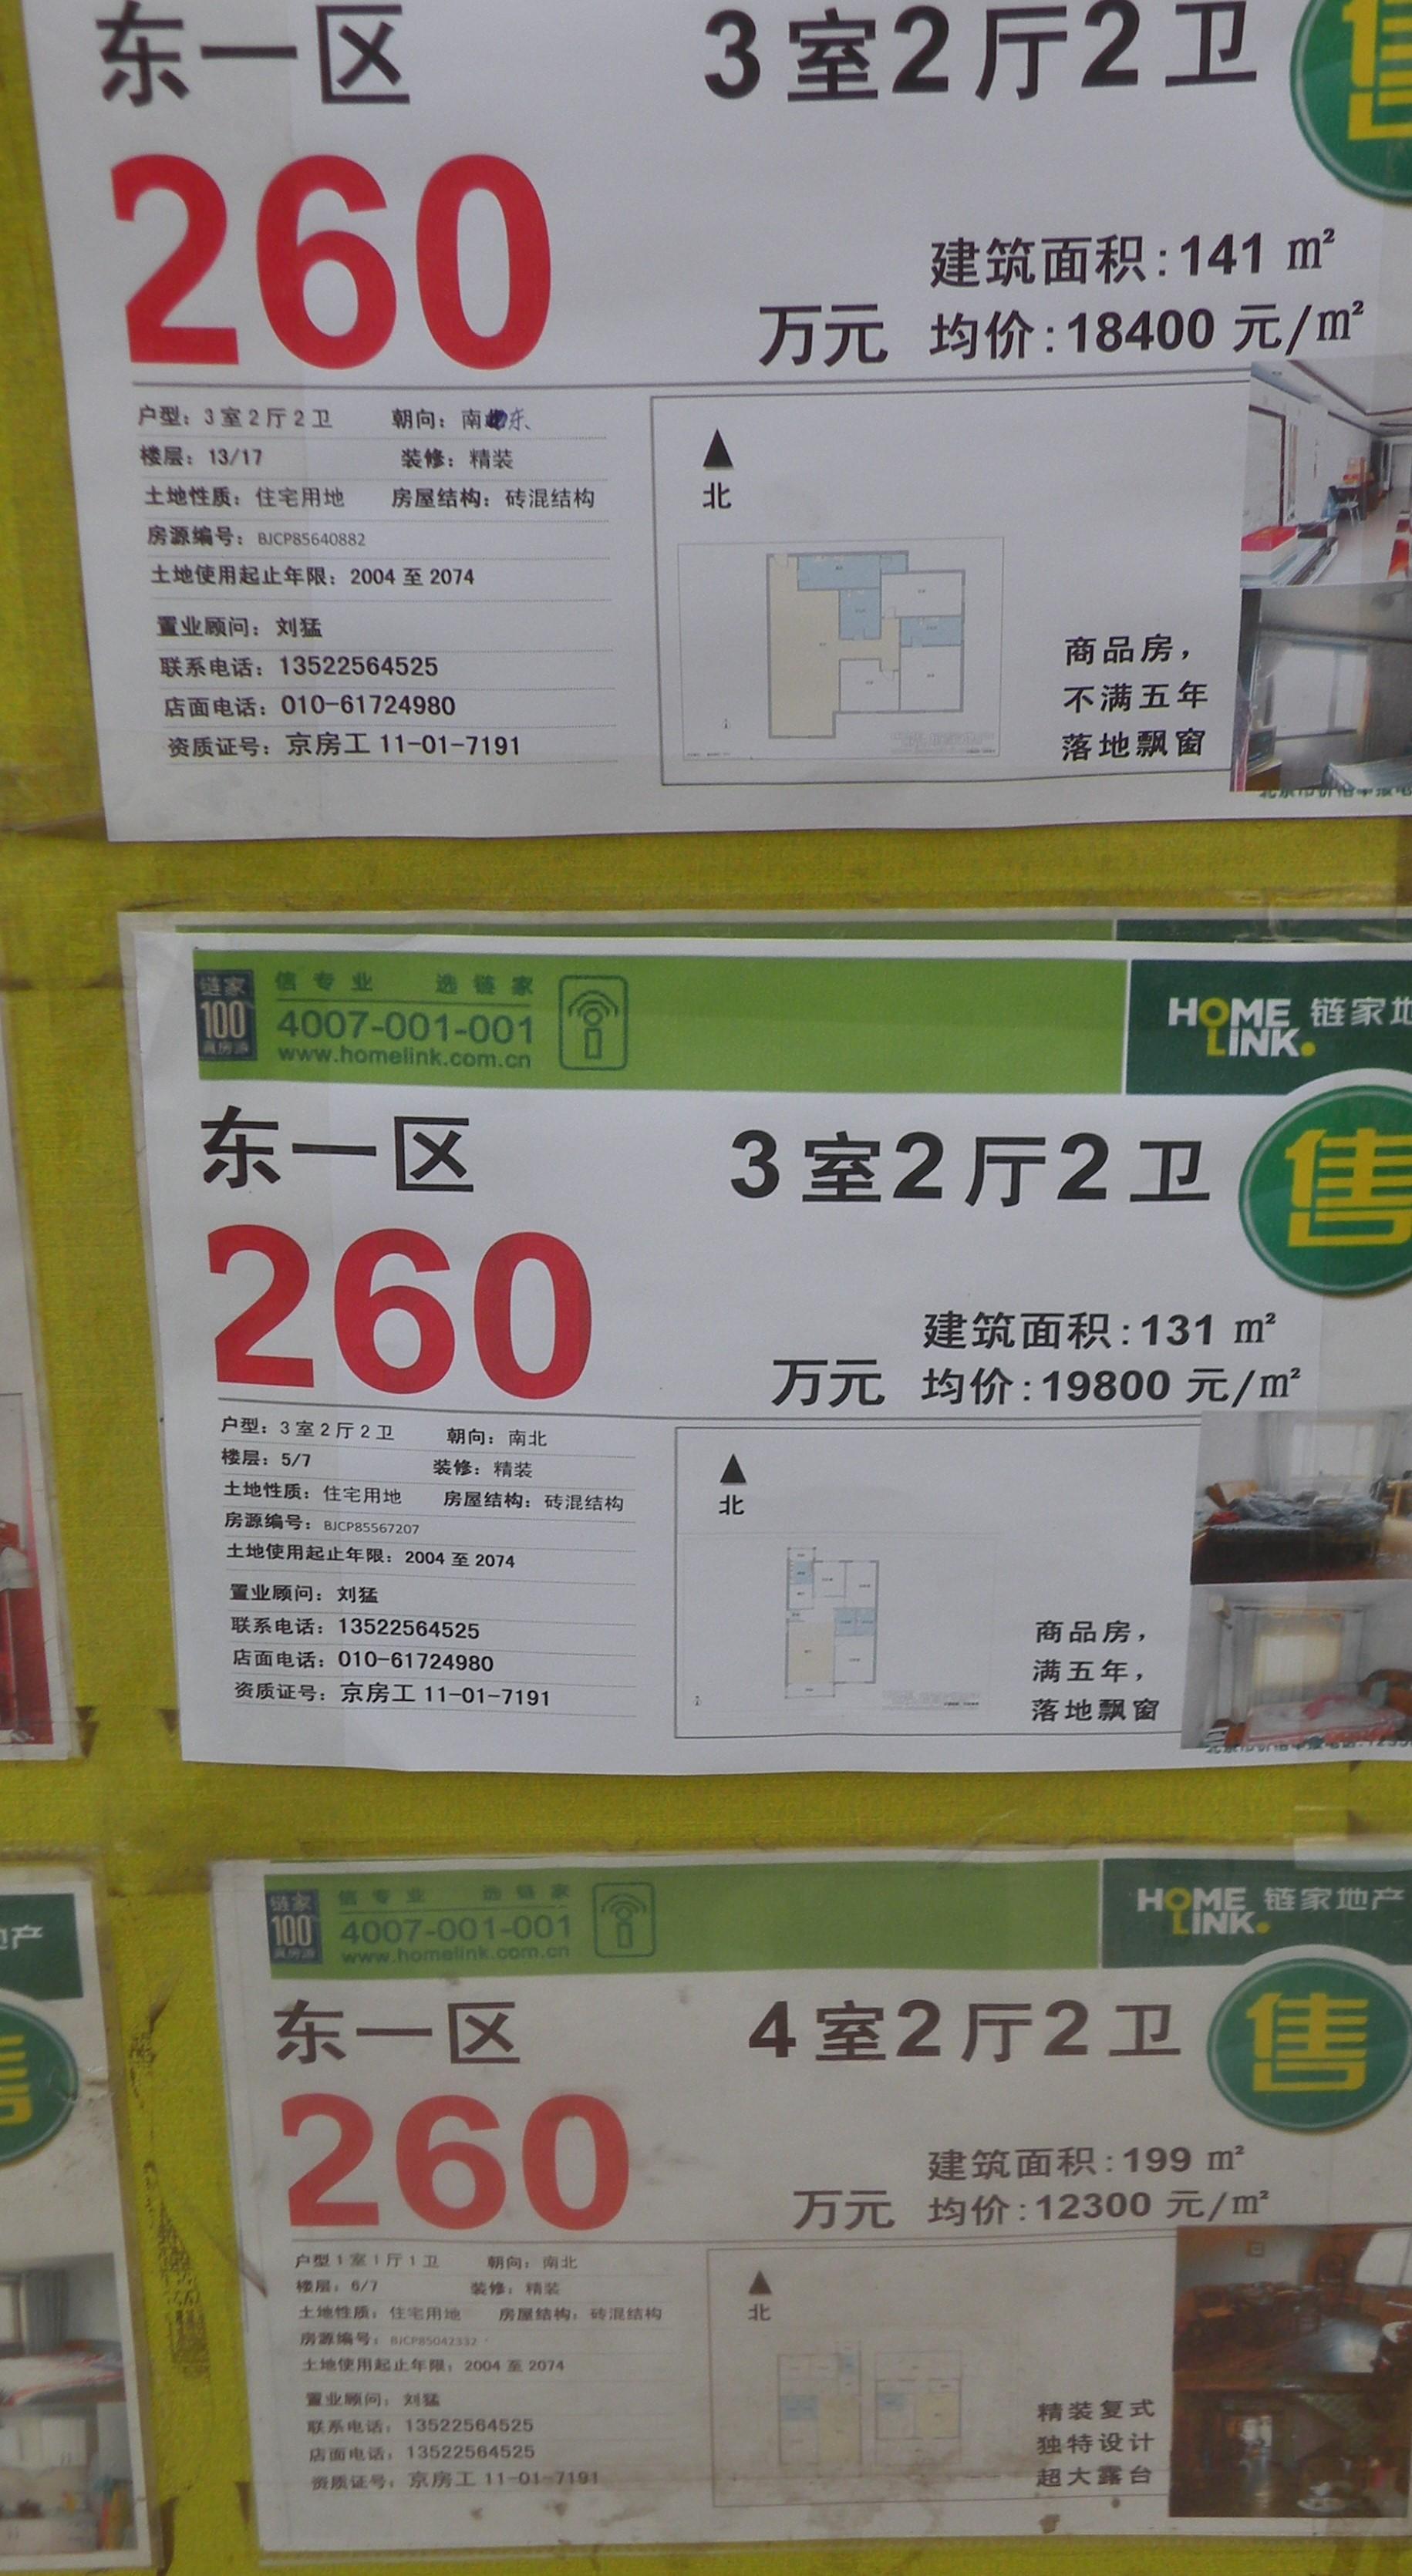 DSCN6885.JPG